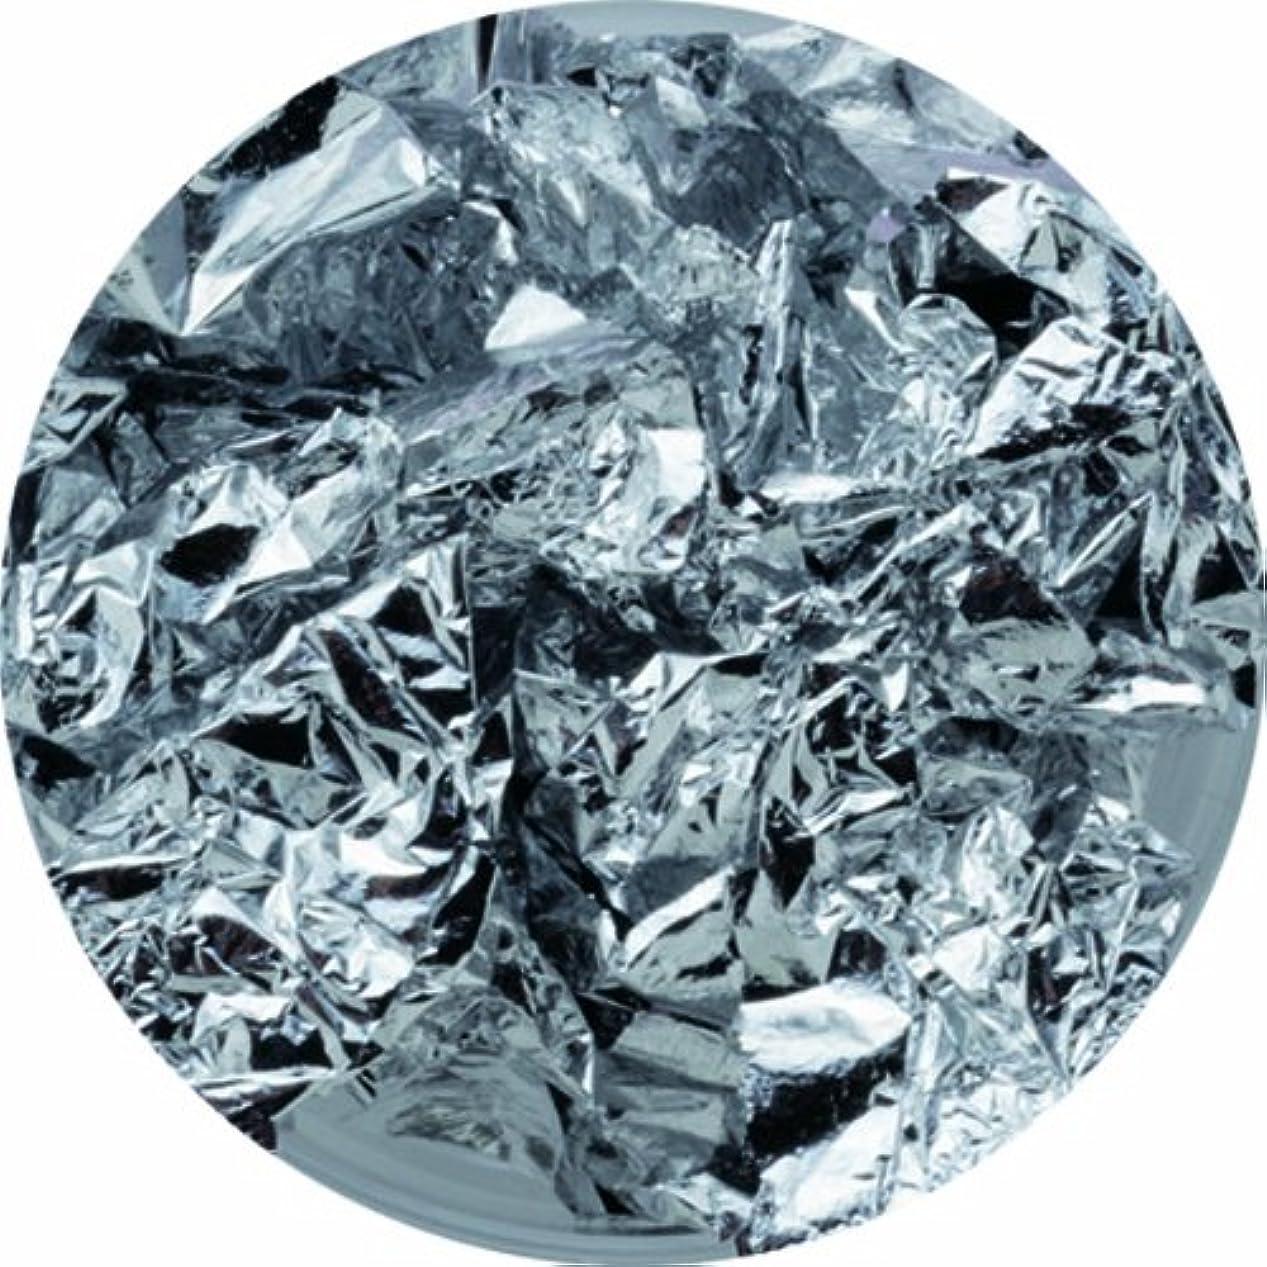 ドループ癒すゴージャスビューティーネイラー ネイル用パウダー 黒崎えり子 ジュエリーコレクション シルバーホイル